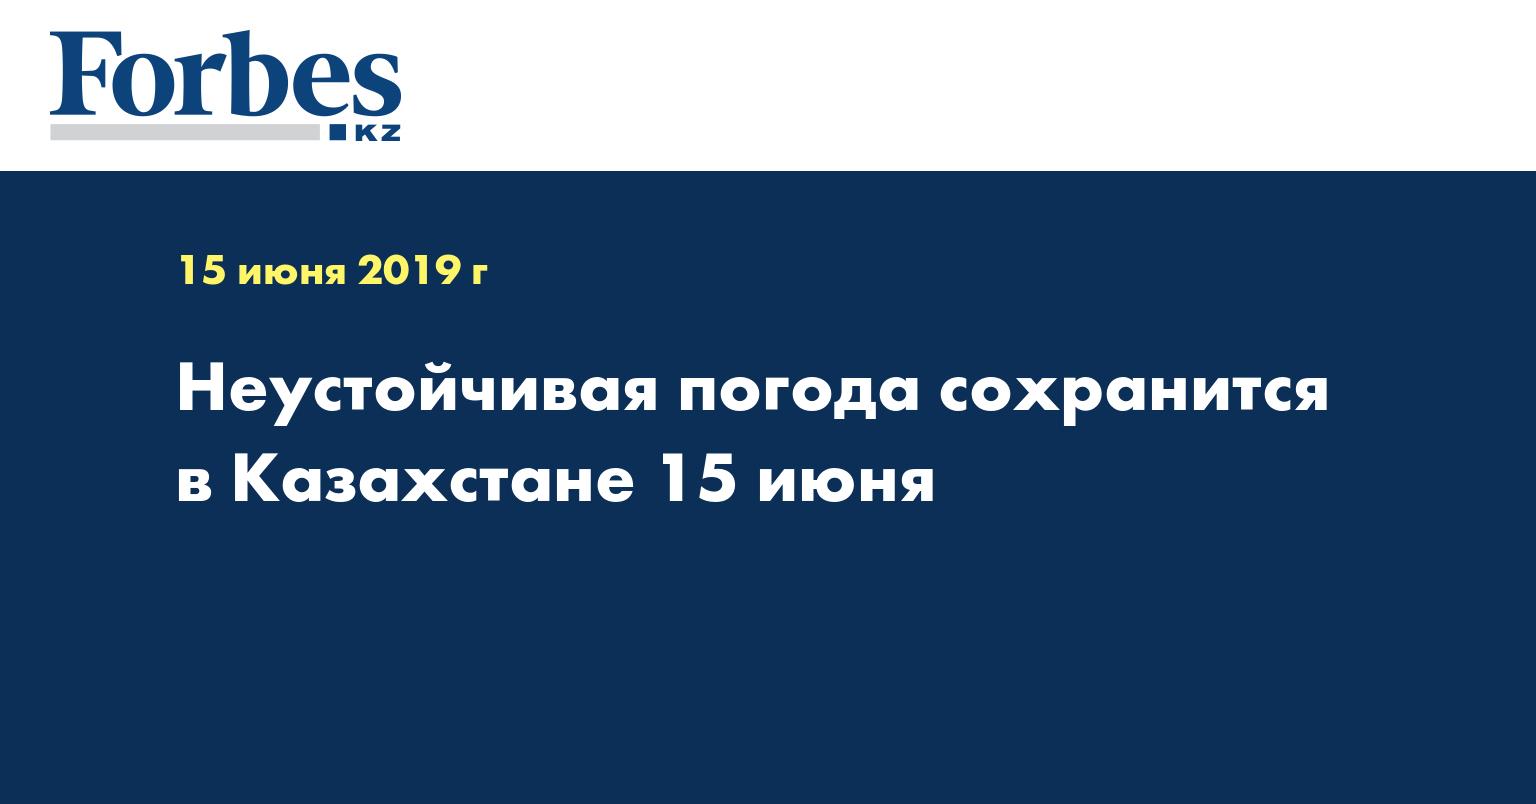 Неустойчивая погода сохранится в Казахстане 15 июня